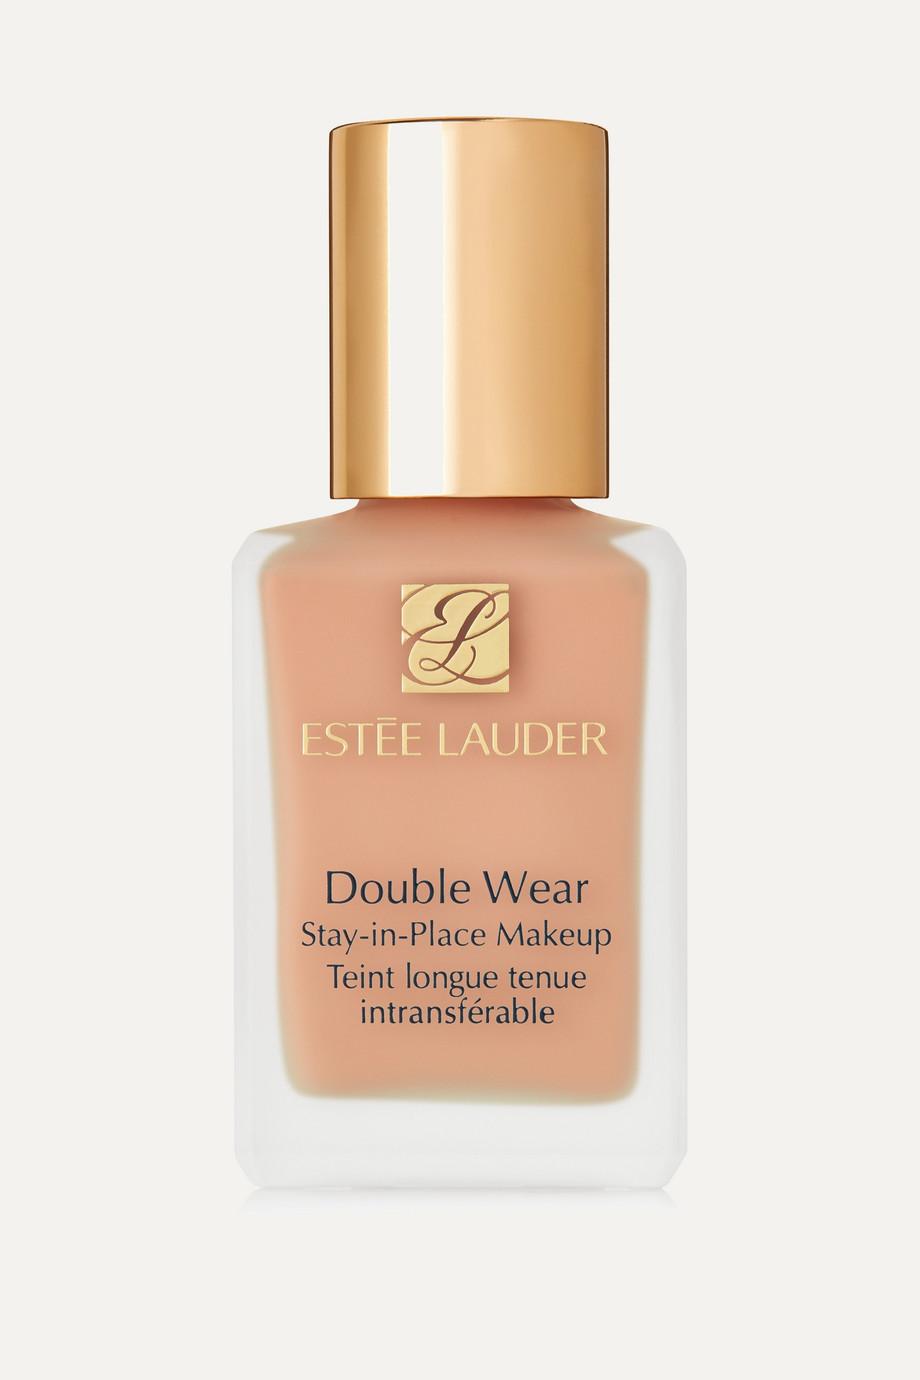 Estée Lauder Double Wear Stay-in-Place Makeup - Cool Bone 1C1